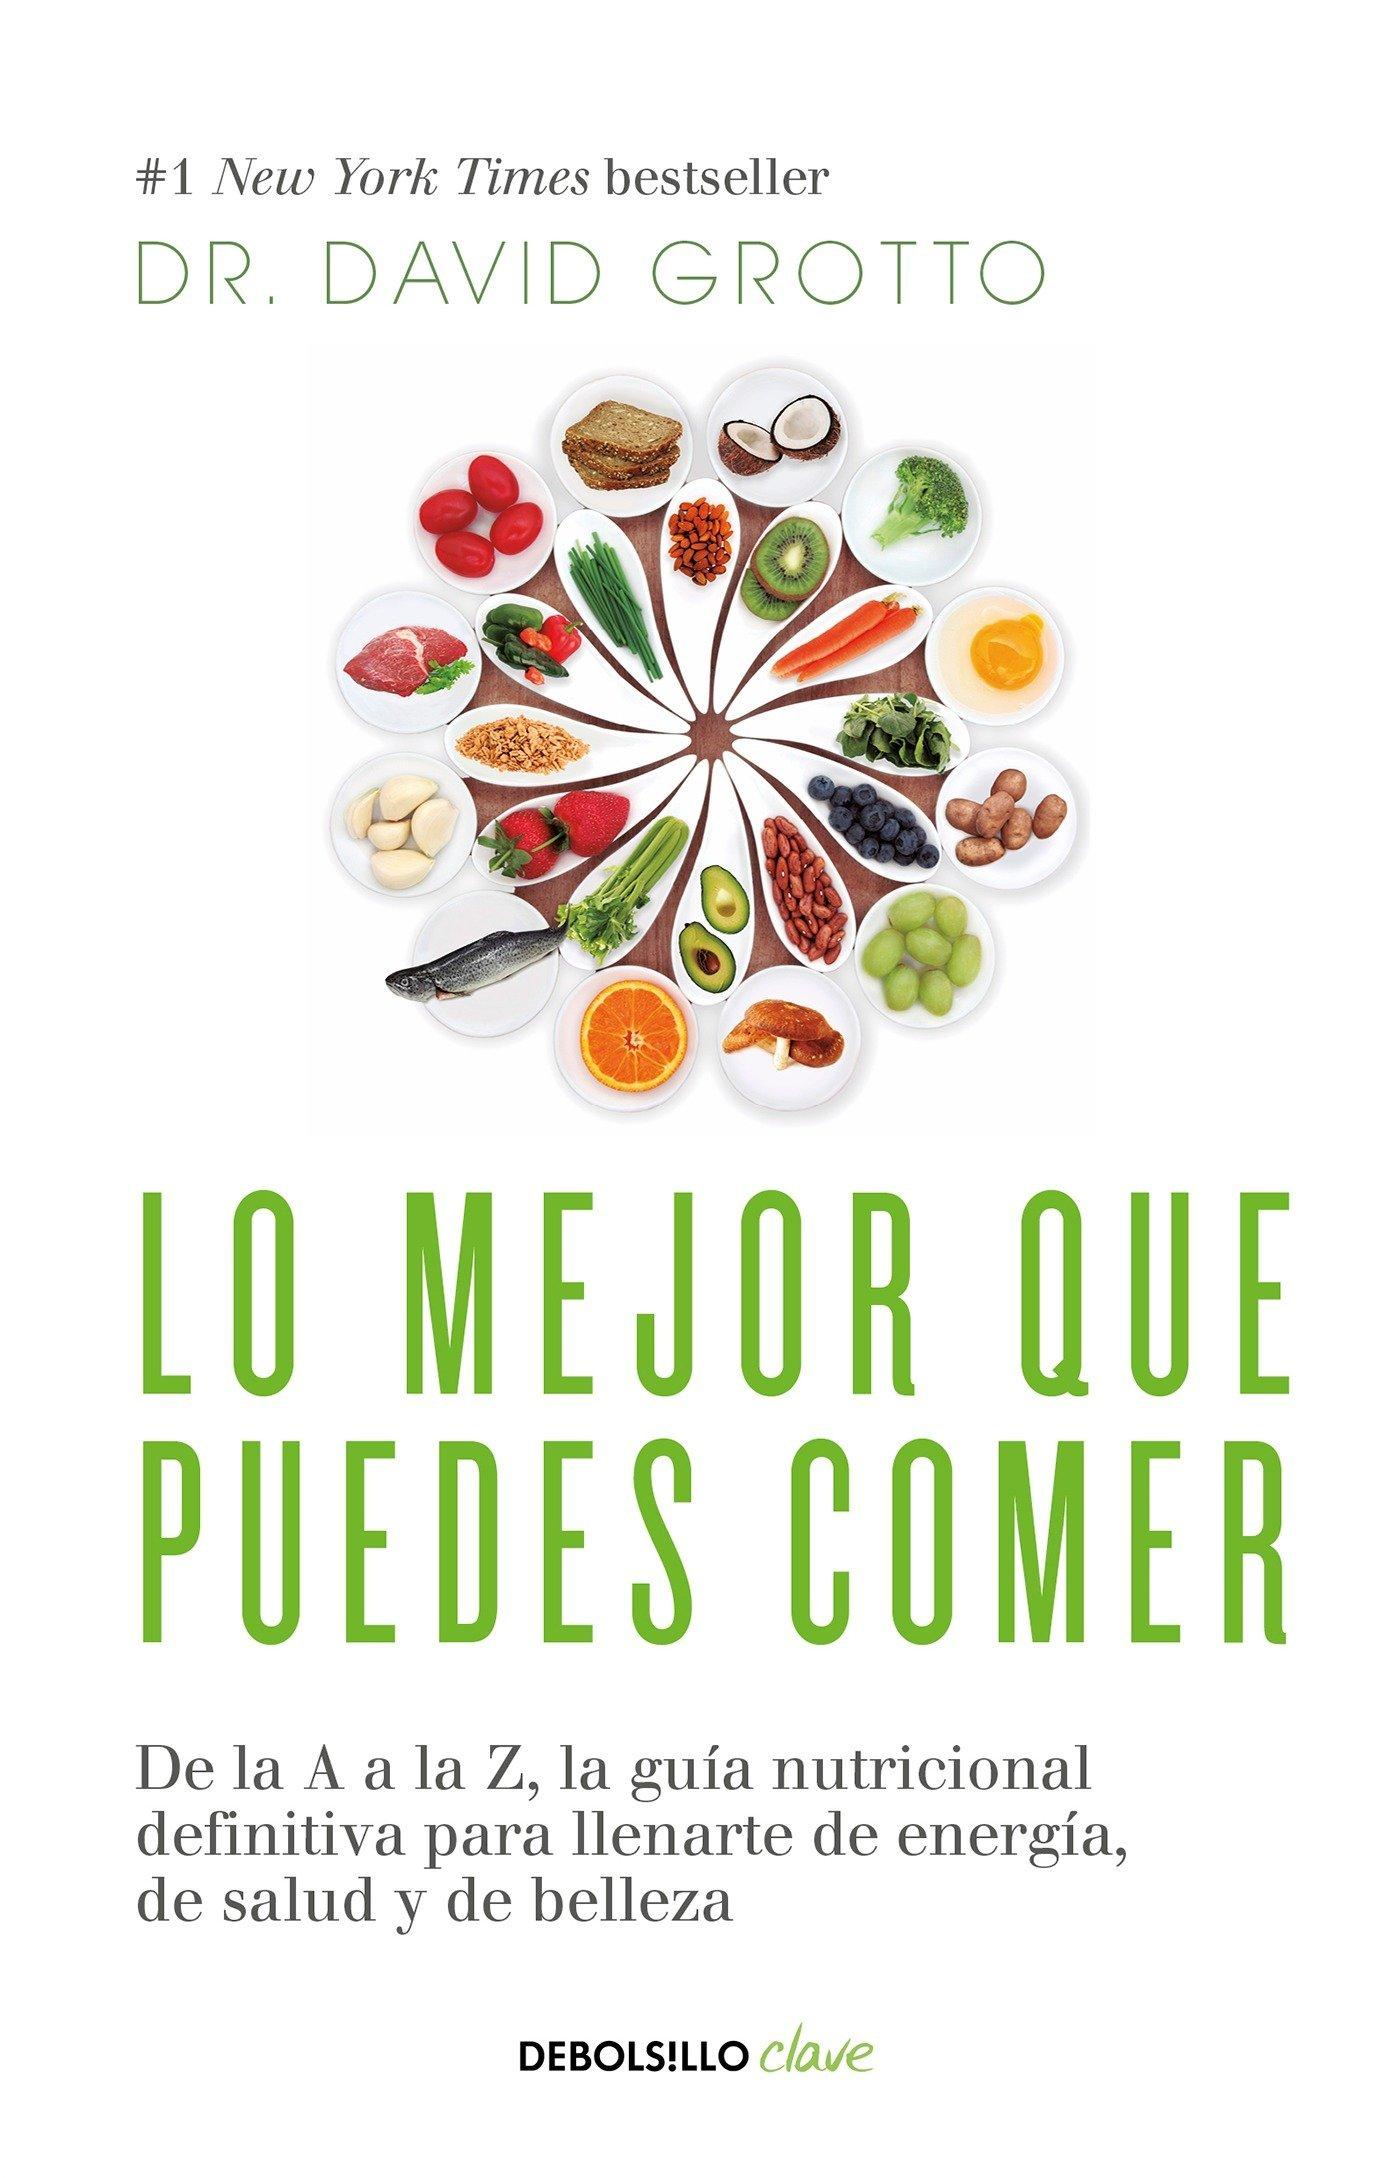 Lo mejor que puedes comer: De la A a la Z, la guía nutricional definitiva  para llenarte de energía, de salud: David Grotto: Amazon.com.mx: Libros